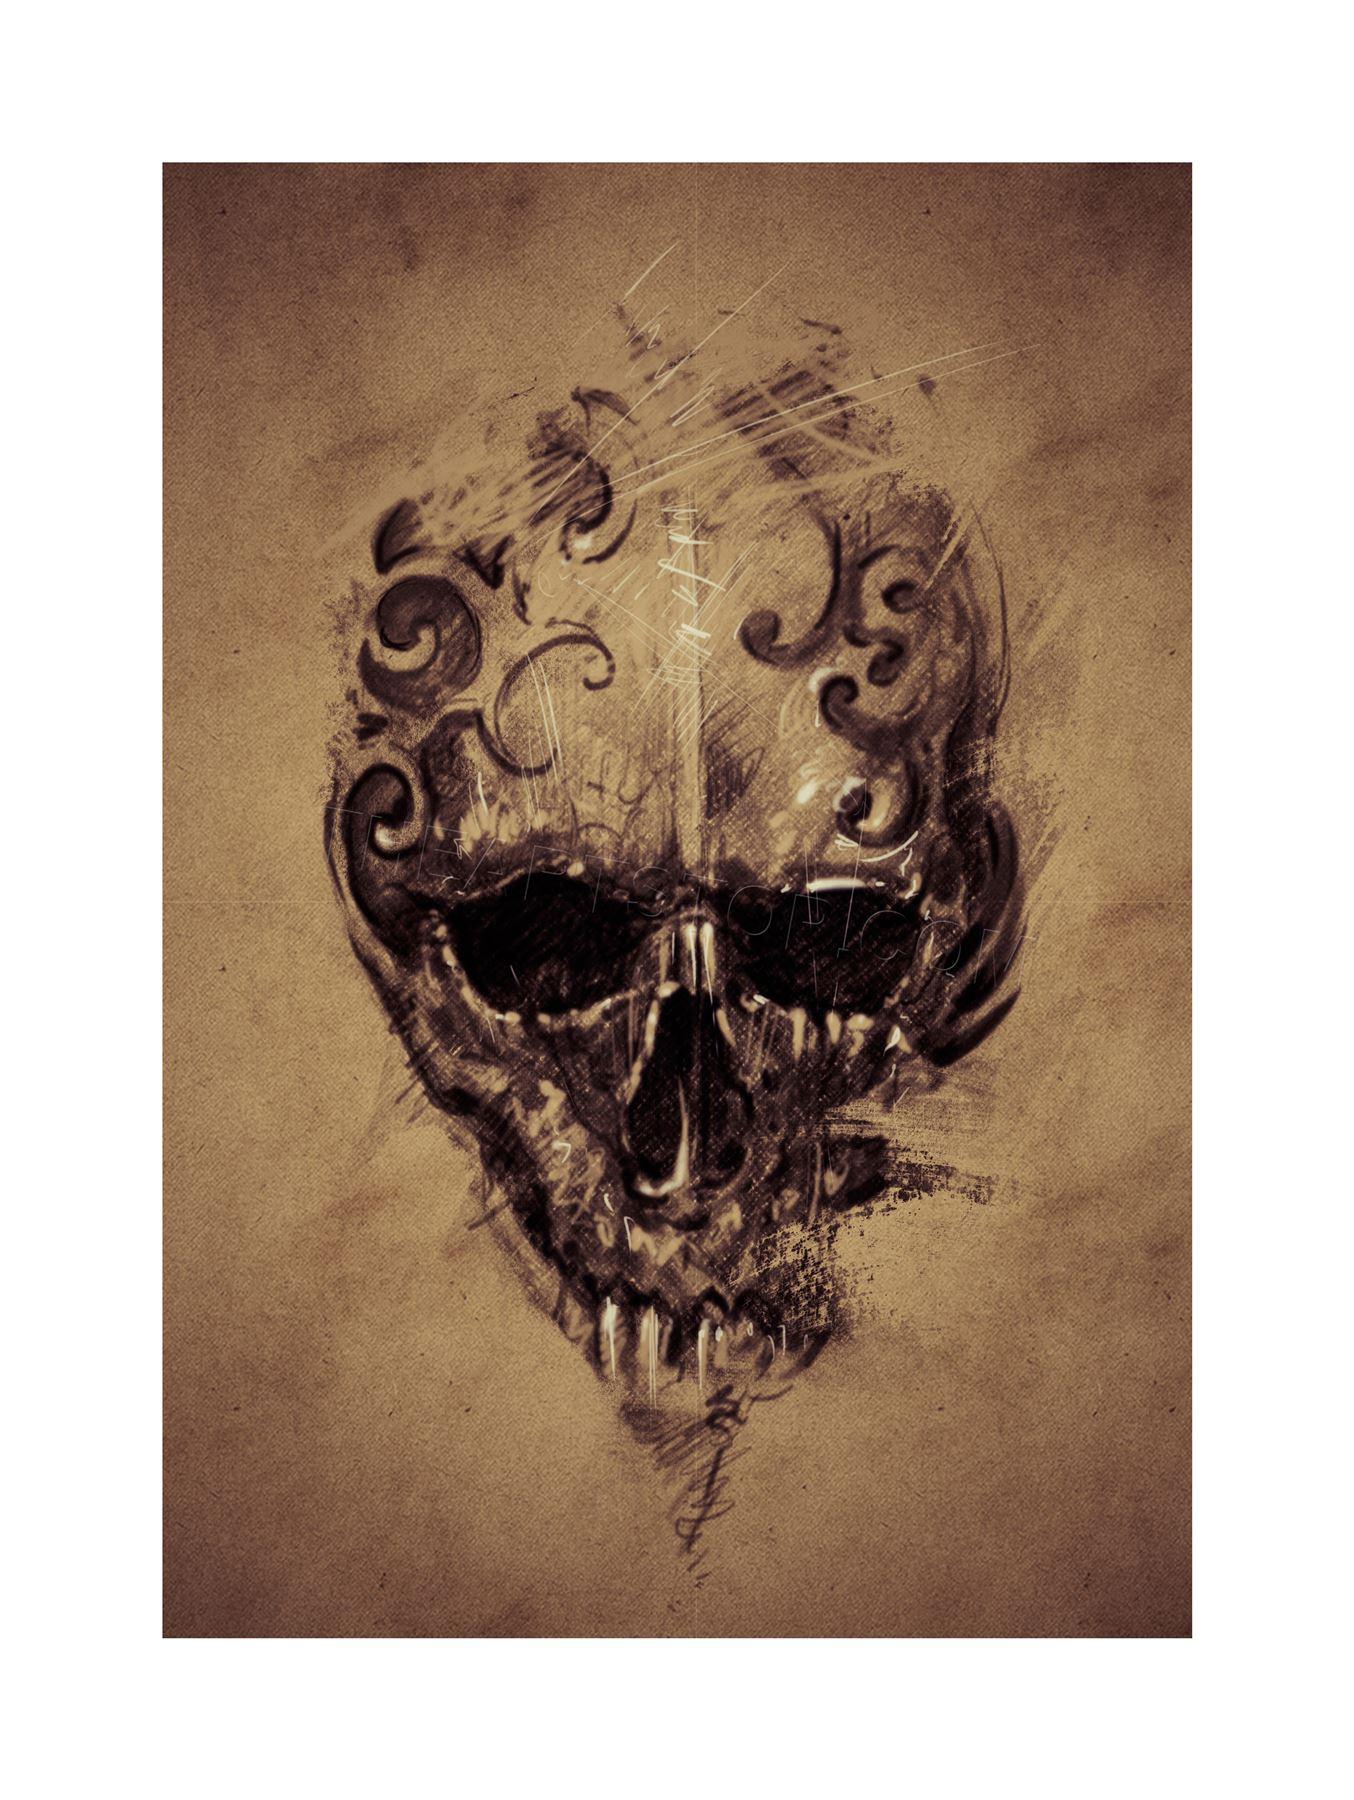 Drawn skull gothic skull Gothic Skull 14 Tattoo